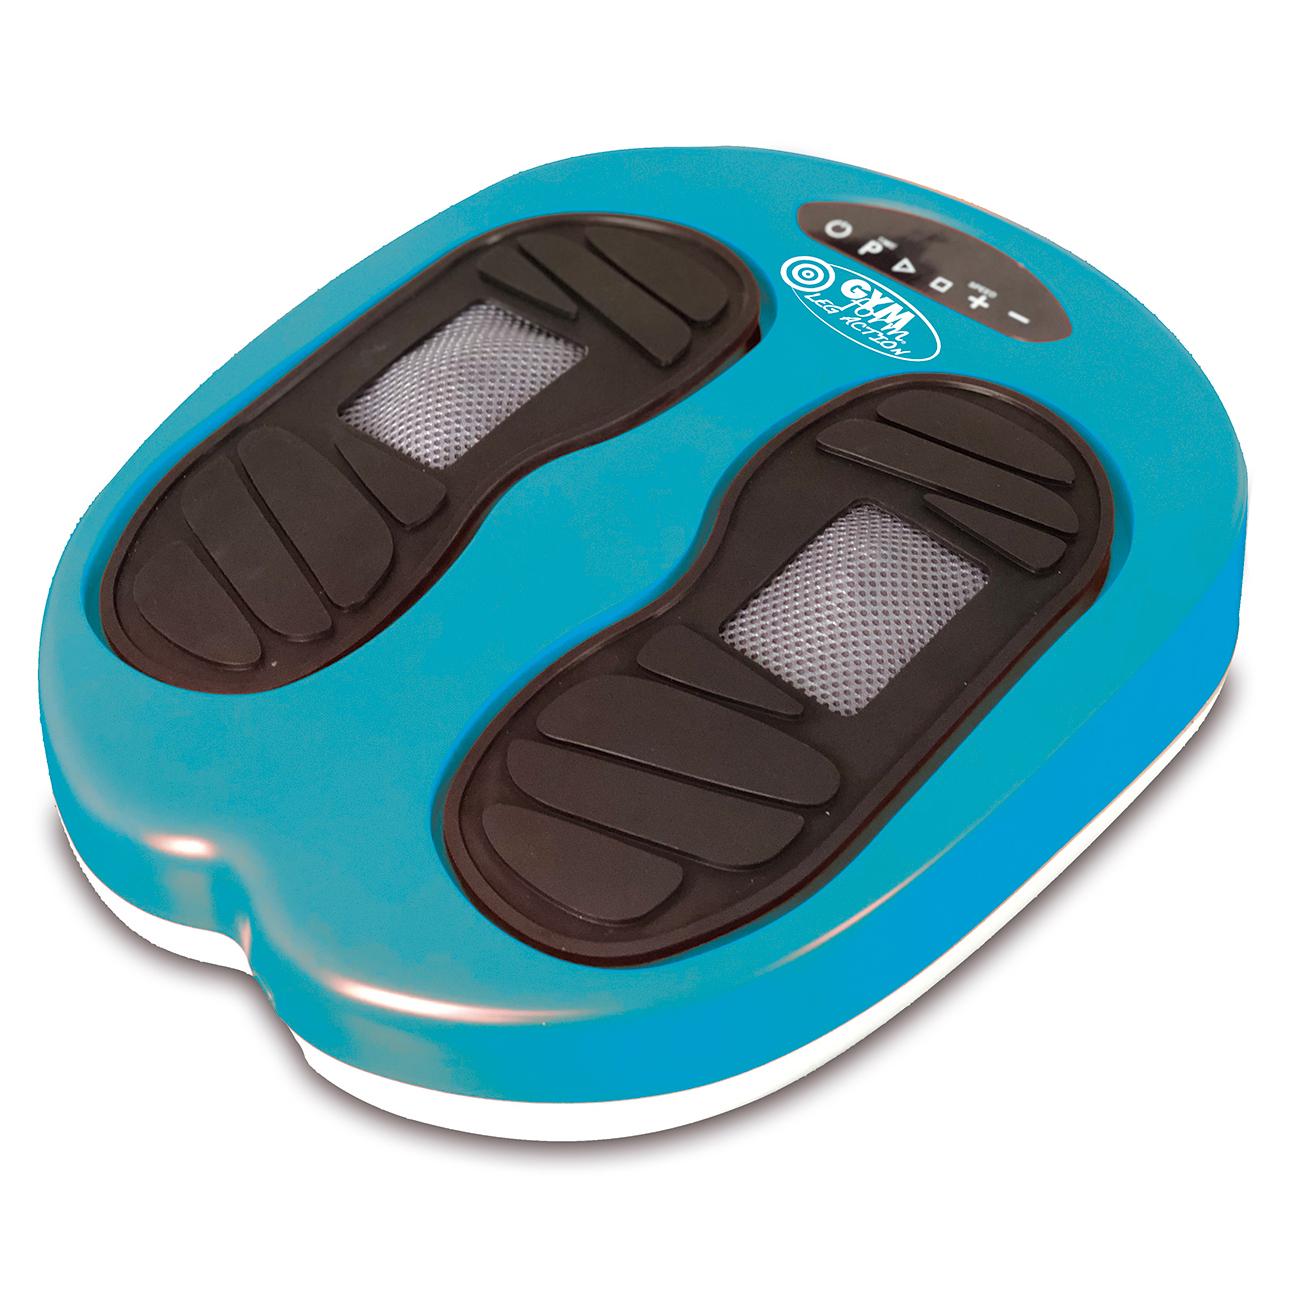 Das Fußmassagegerät bietet Ihnen stimulierende Shiatsu- und Vibrationsmassagen zur Entspannung und Mobilisierung.